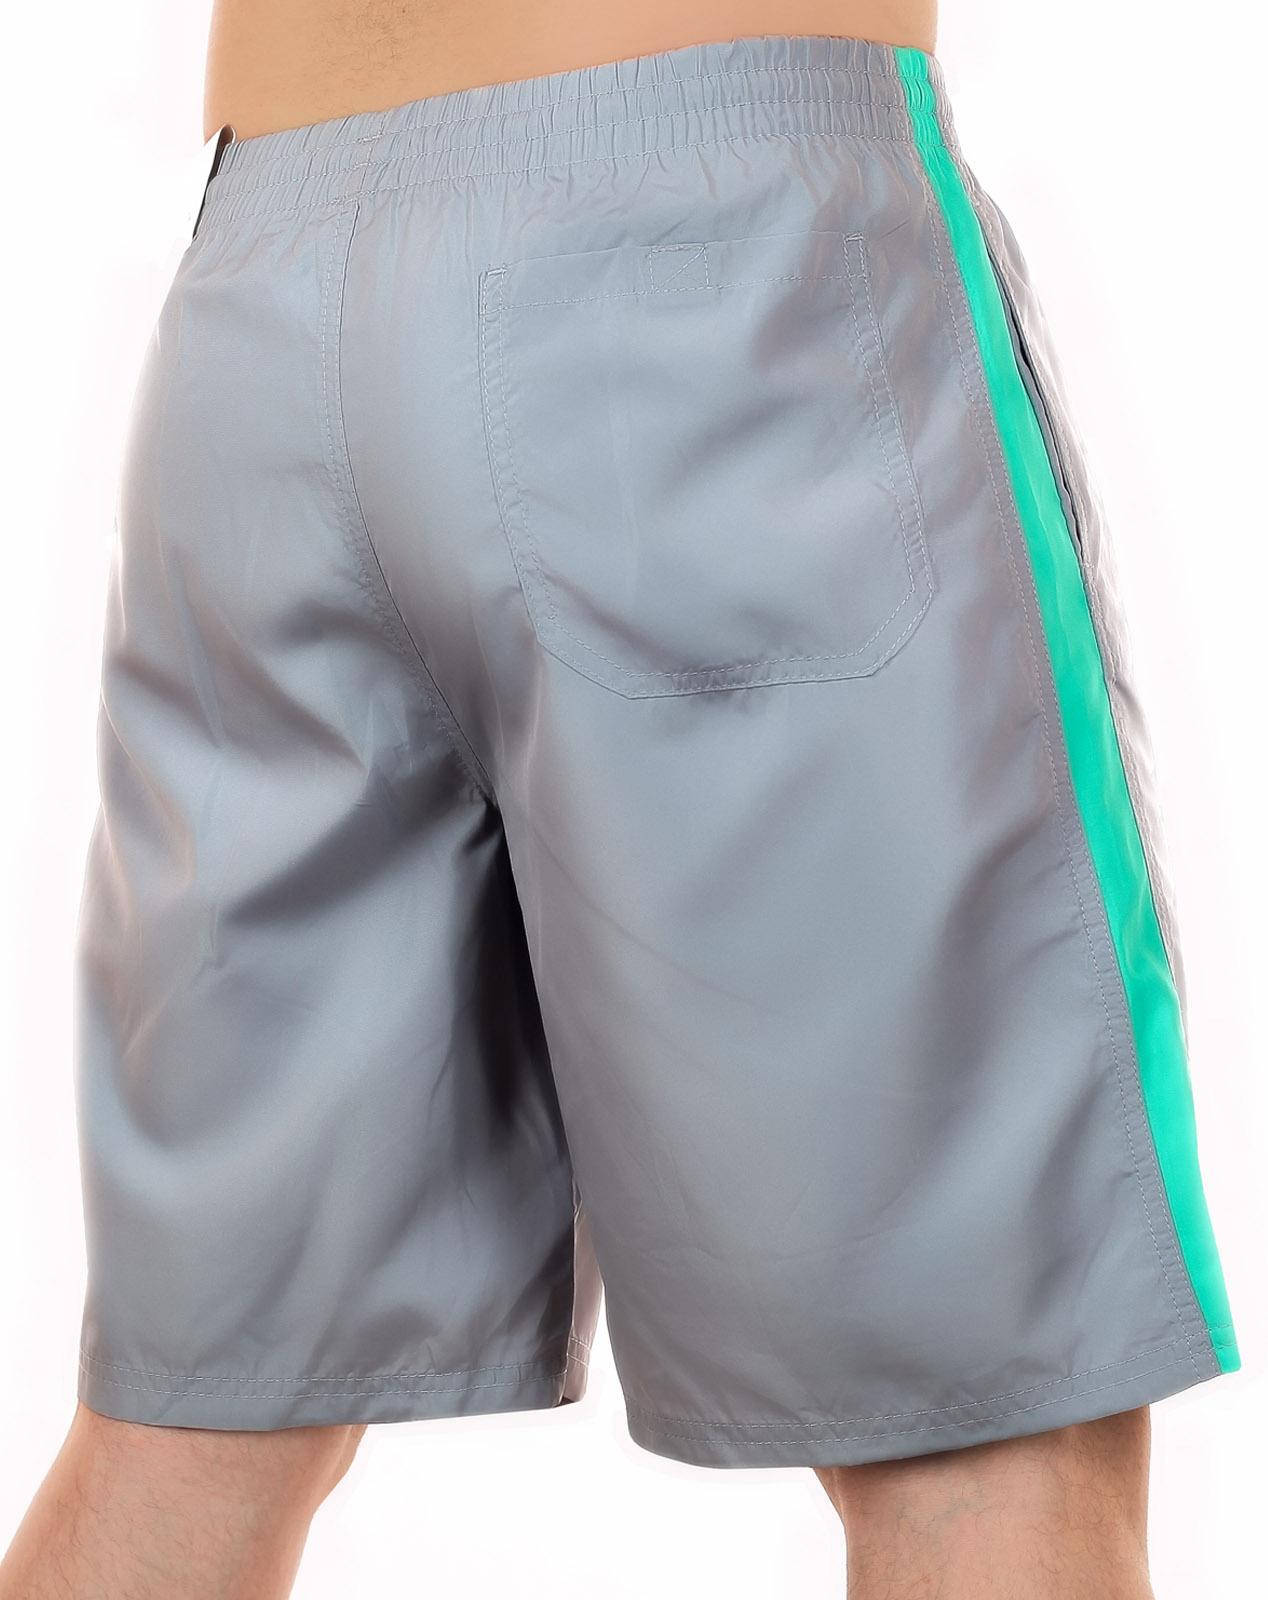 Попсовые шорты от MACE для мужчин уверенных в себе по лучшей цене